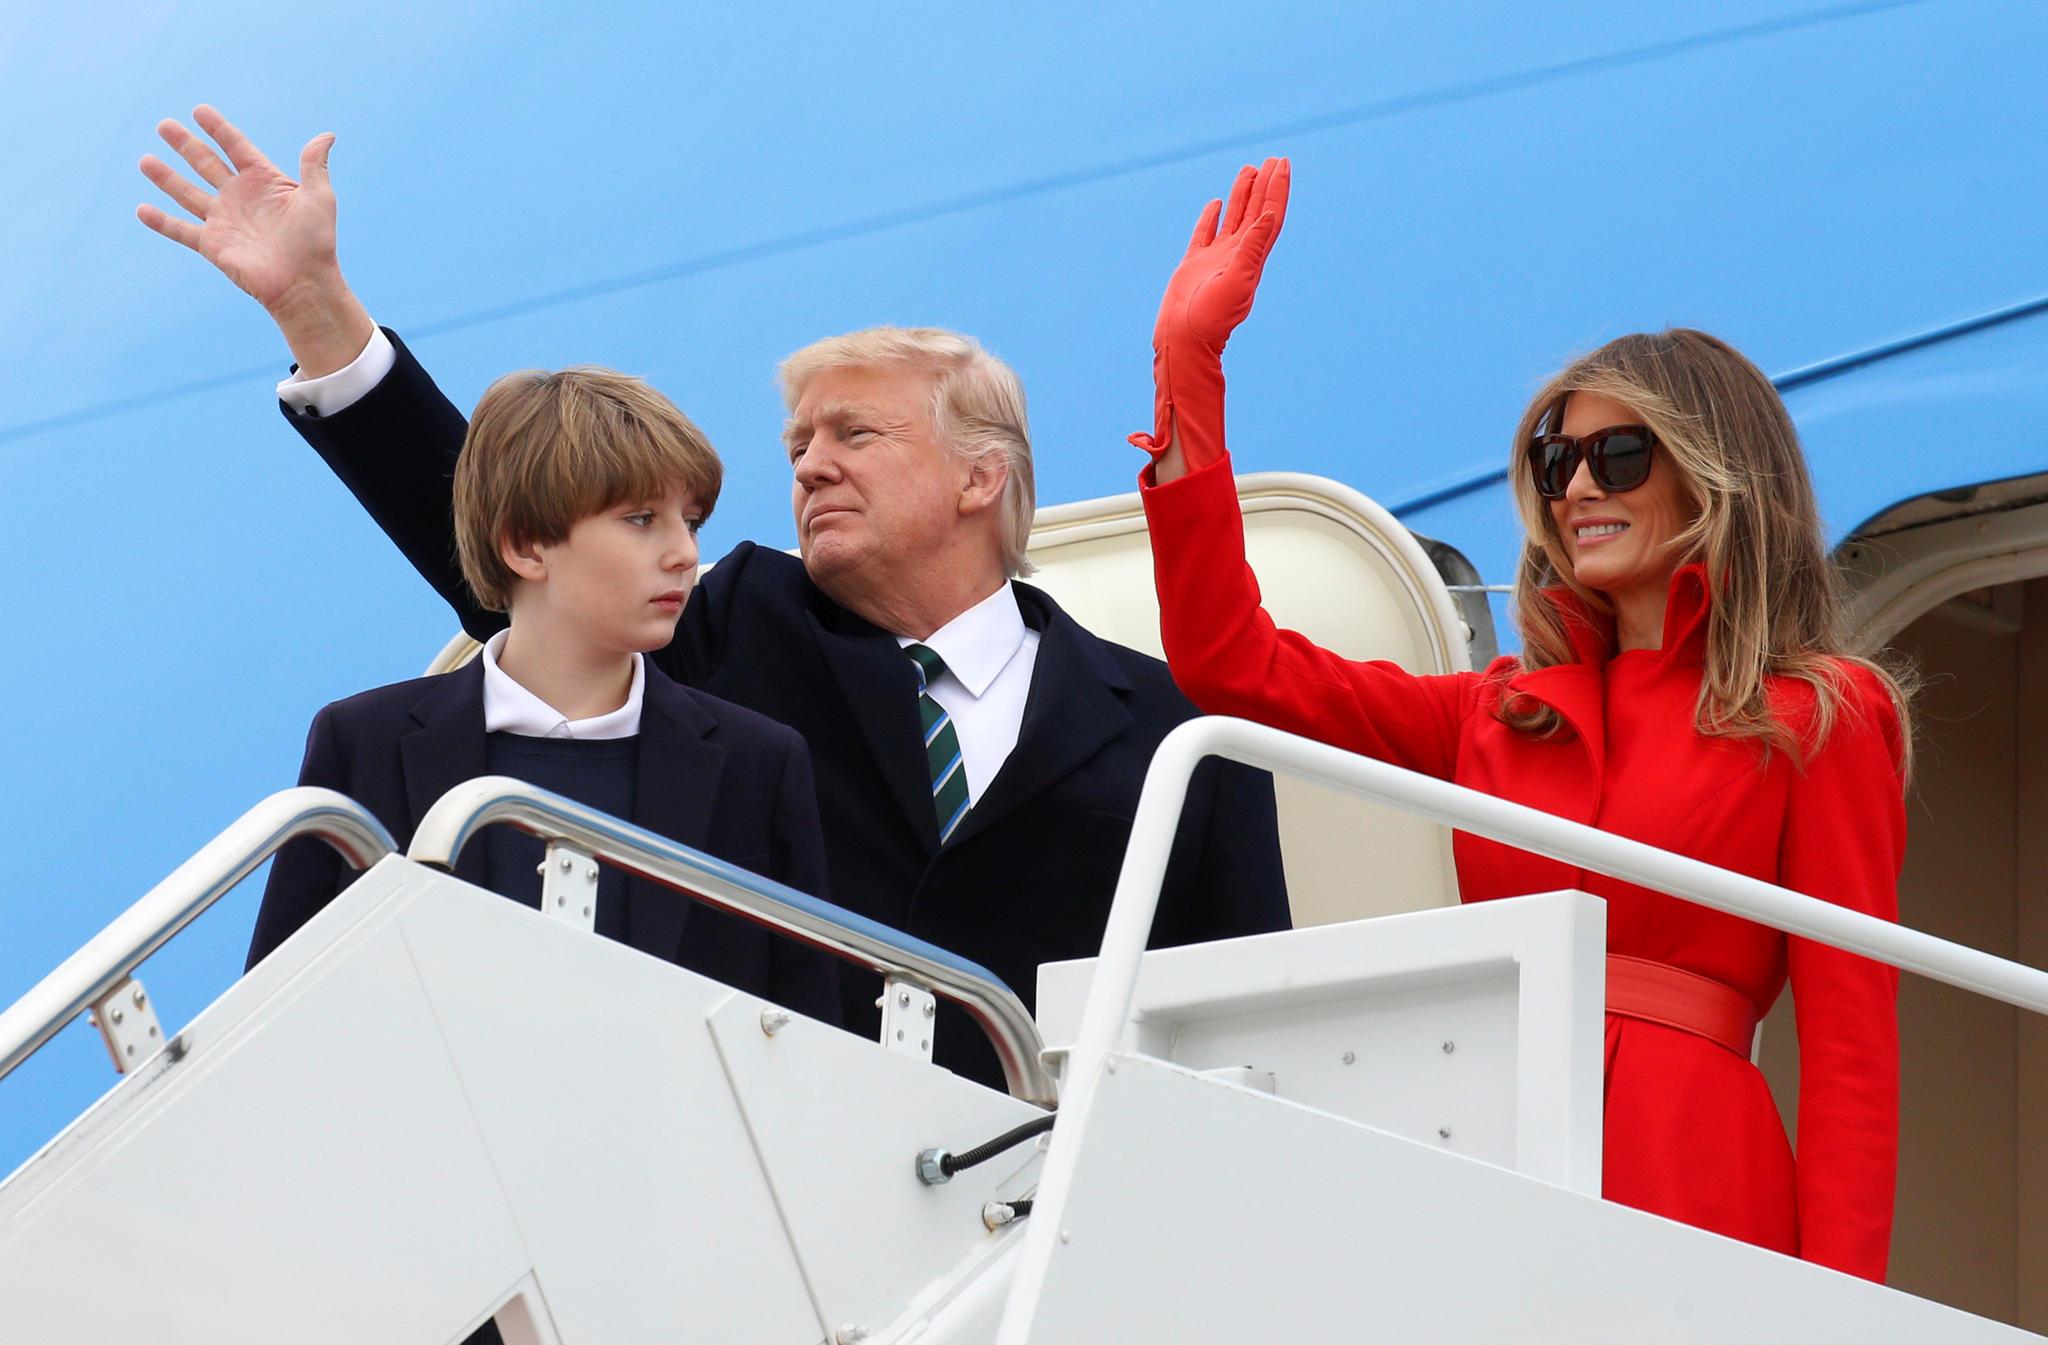 US-Präsident Donald Trump mit Ehefrau Melania Trump und Sohn Barron Trump steigen am 17. März 2017 aus der Air Force One, die gerade in Palm Beach gelandet ist